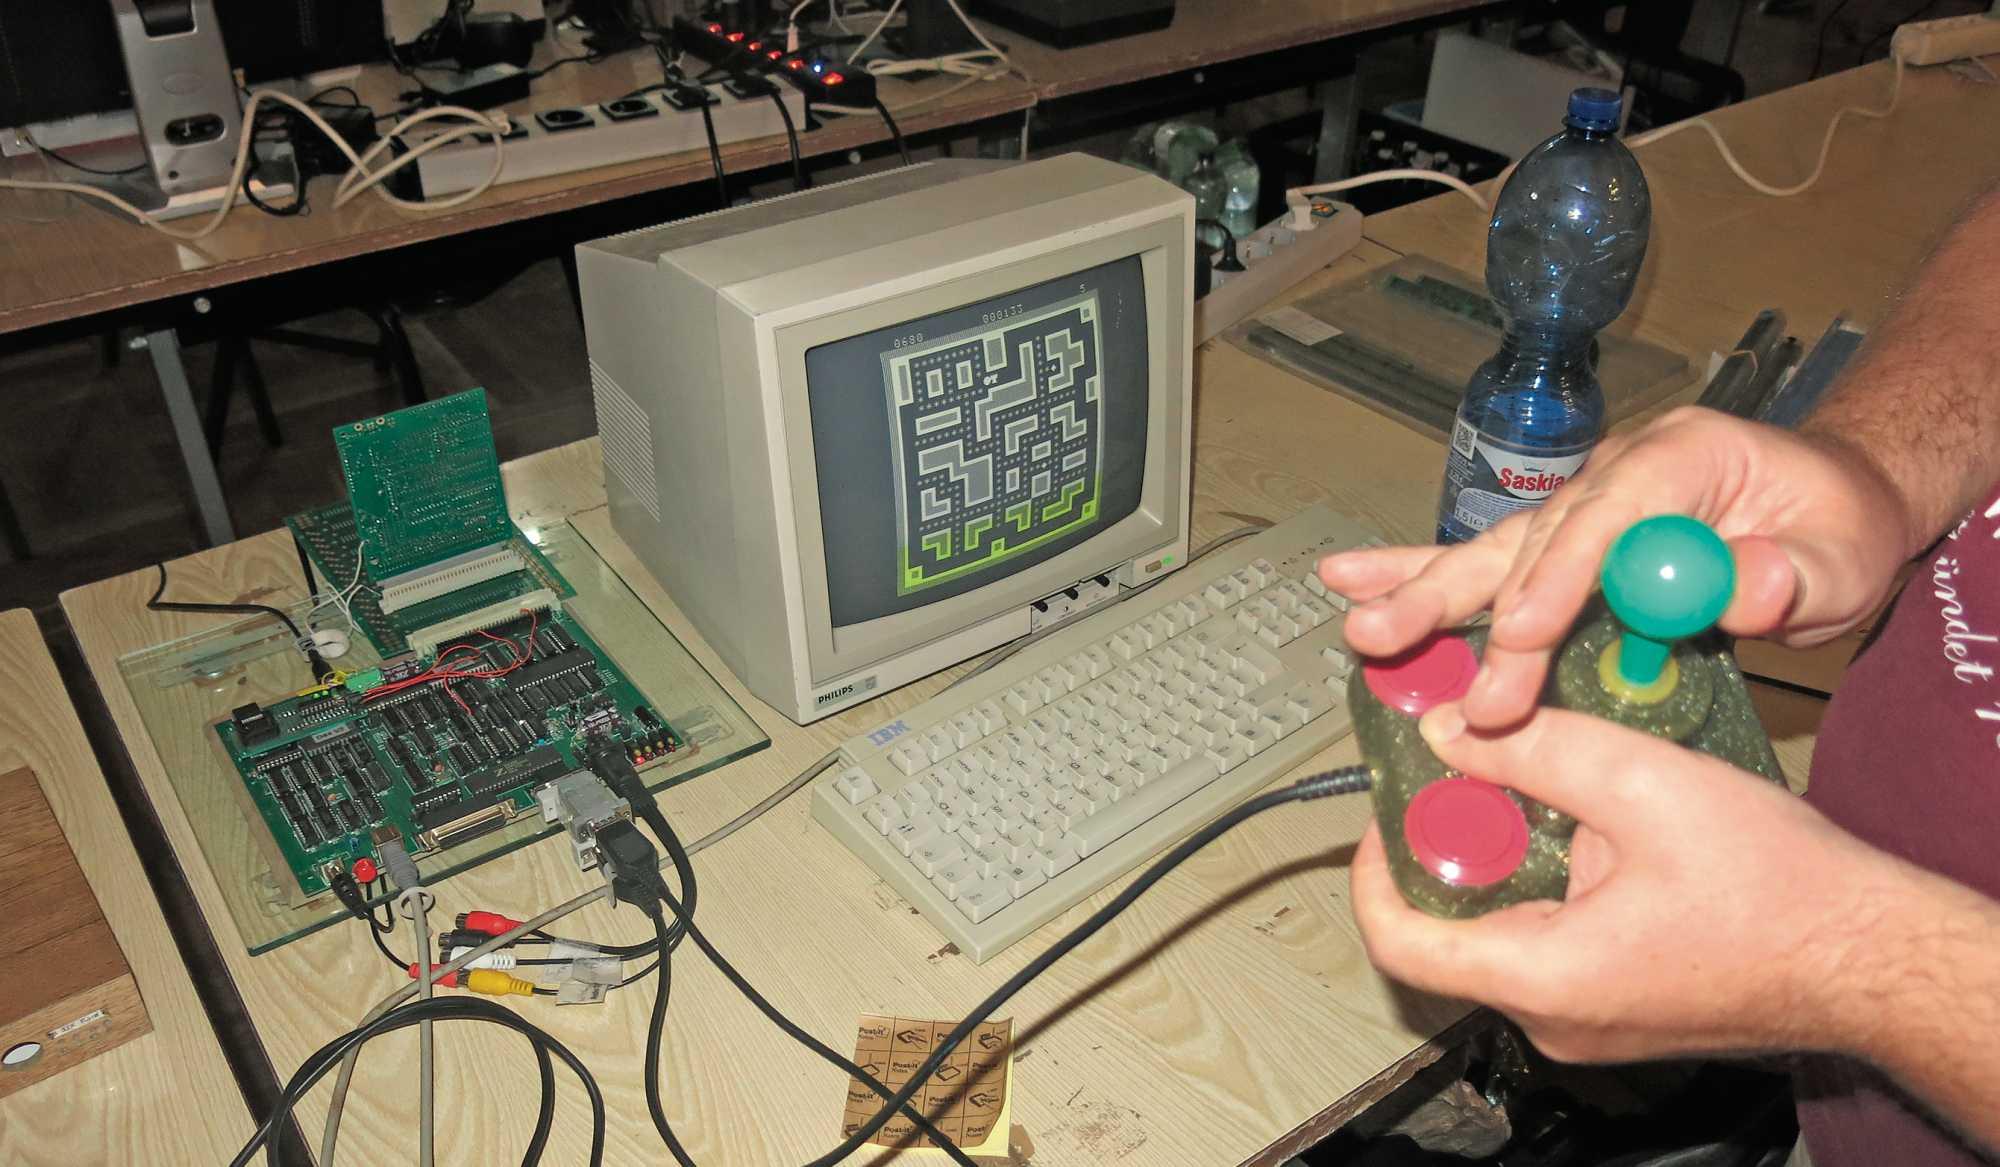 Der günstige Bastelcomputer Z 1013 war in der DDR recht beliebt. Ausgeliefert wurden nur die bestückte Platine und eine Folientastatur.